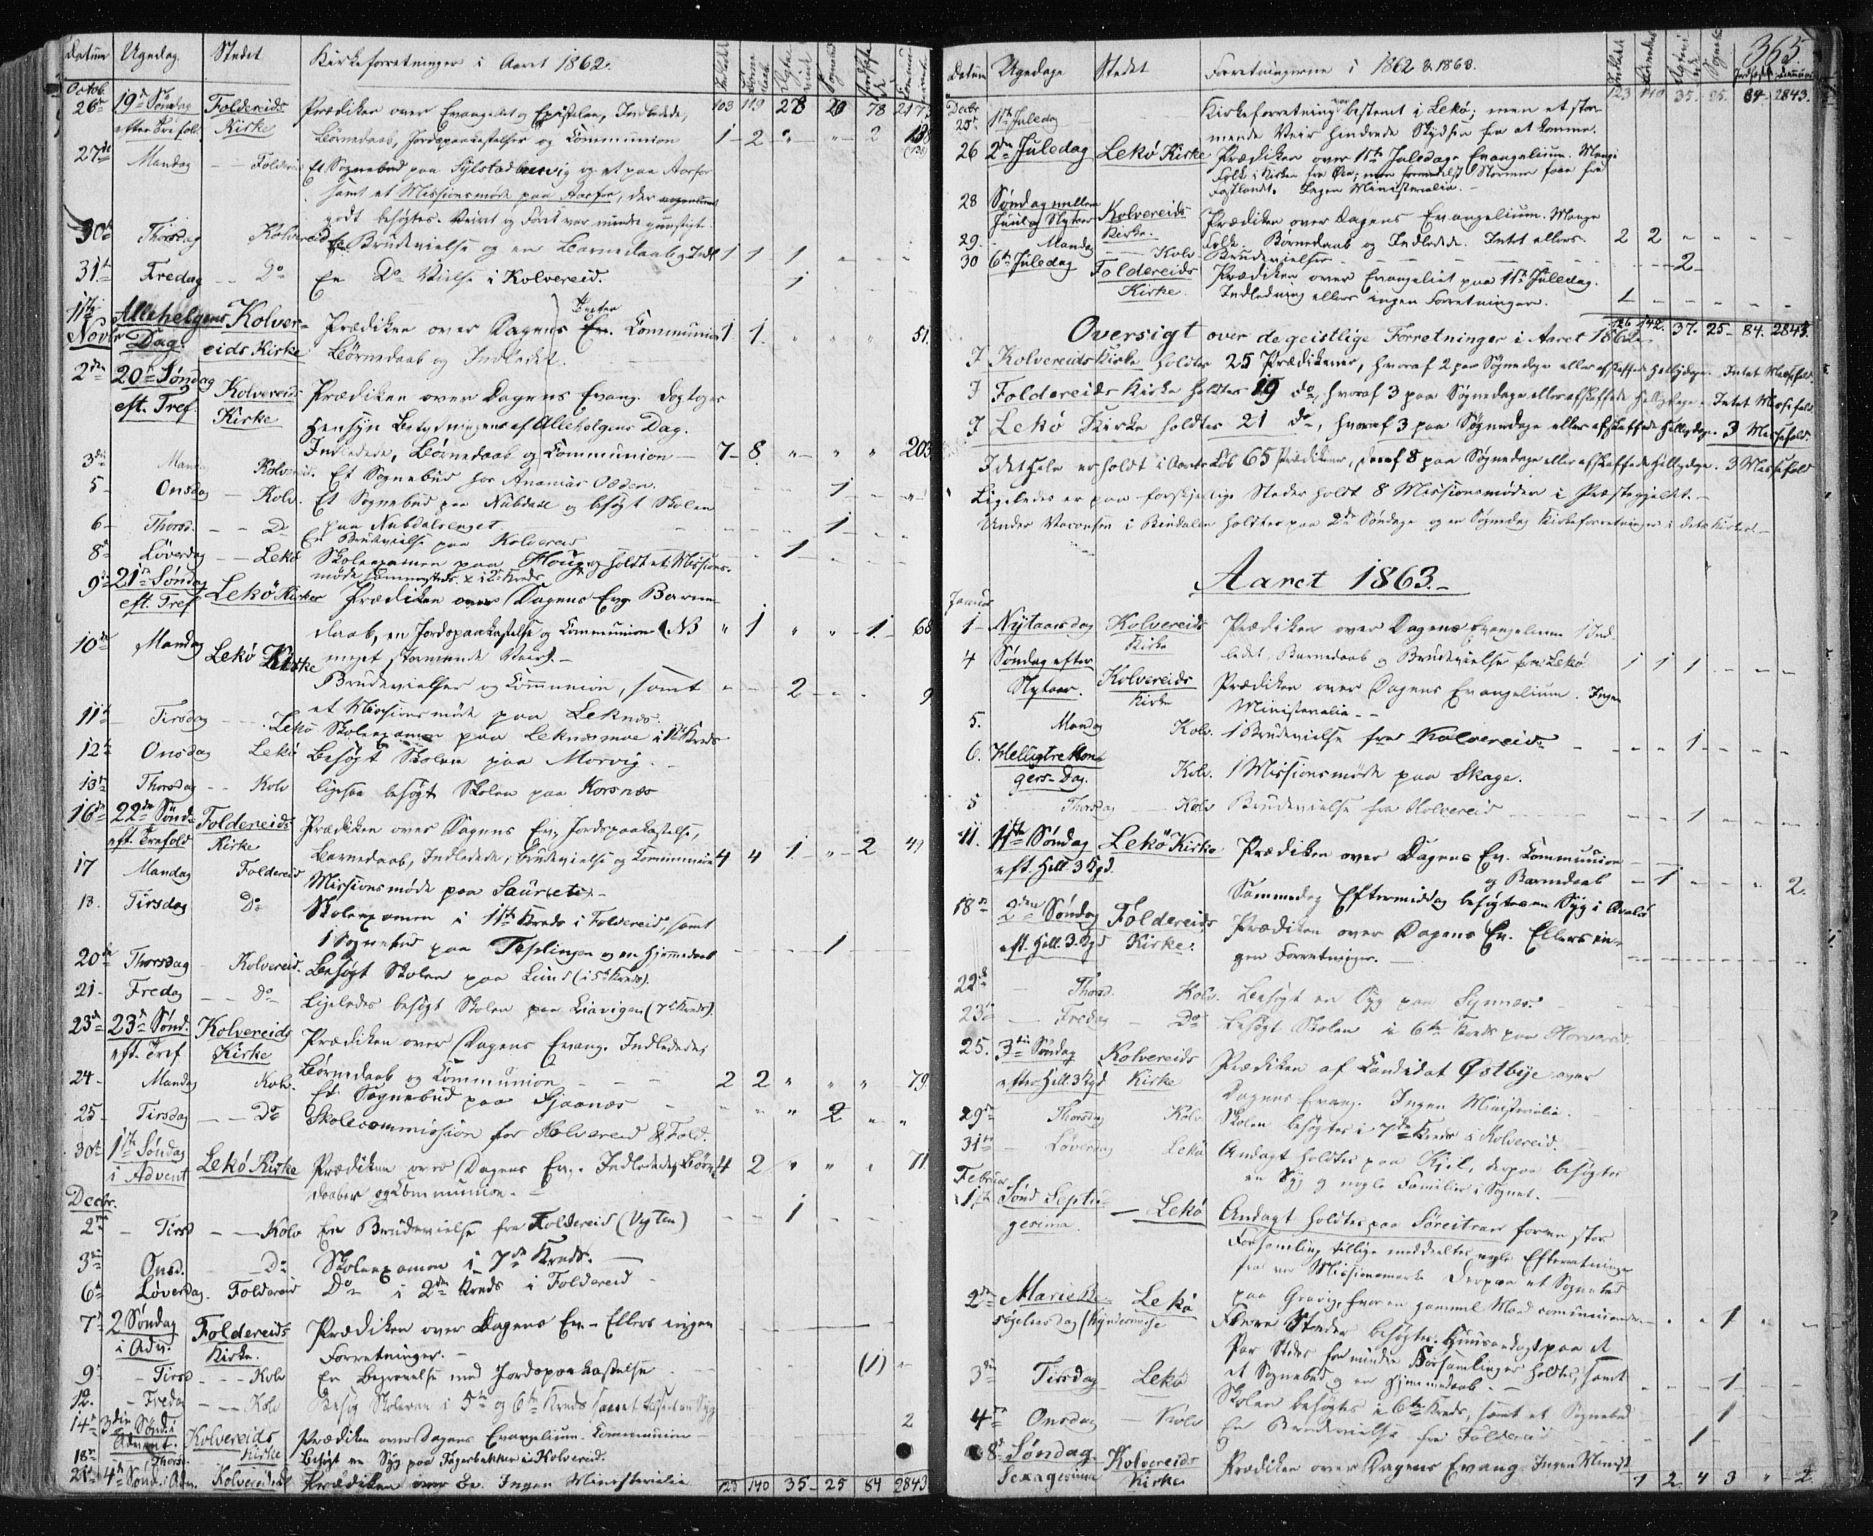 SAT, Ministerialprotokoller, klokkerbøker og fødselsregistre - Nord-Trøndelag, 780/L0641: Ministerialbok nr. 780A06, 1857-1874, s. 365